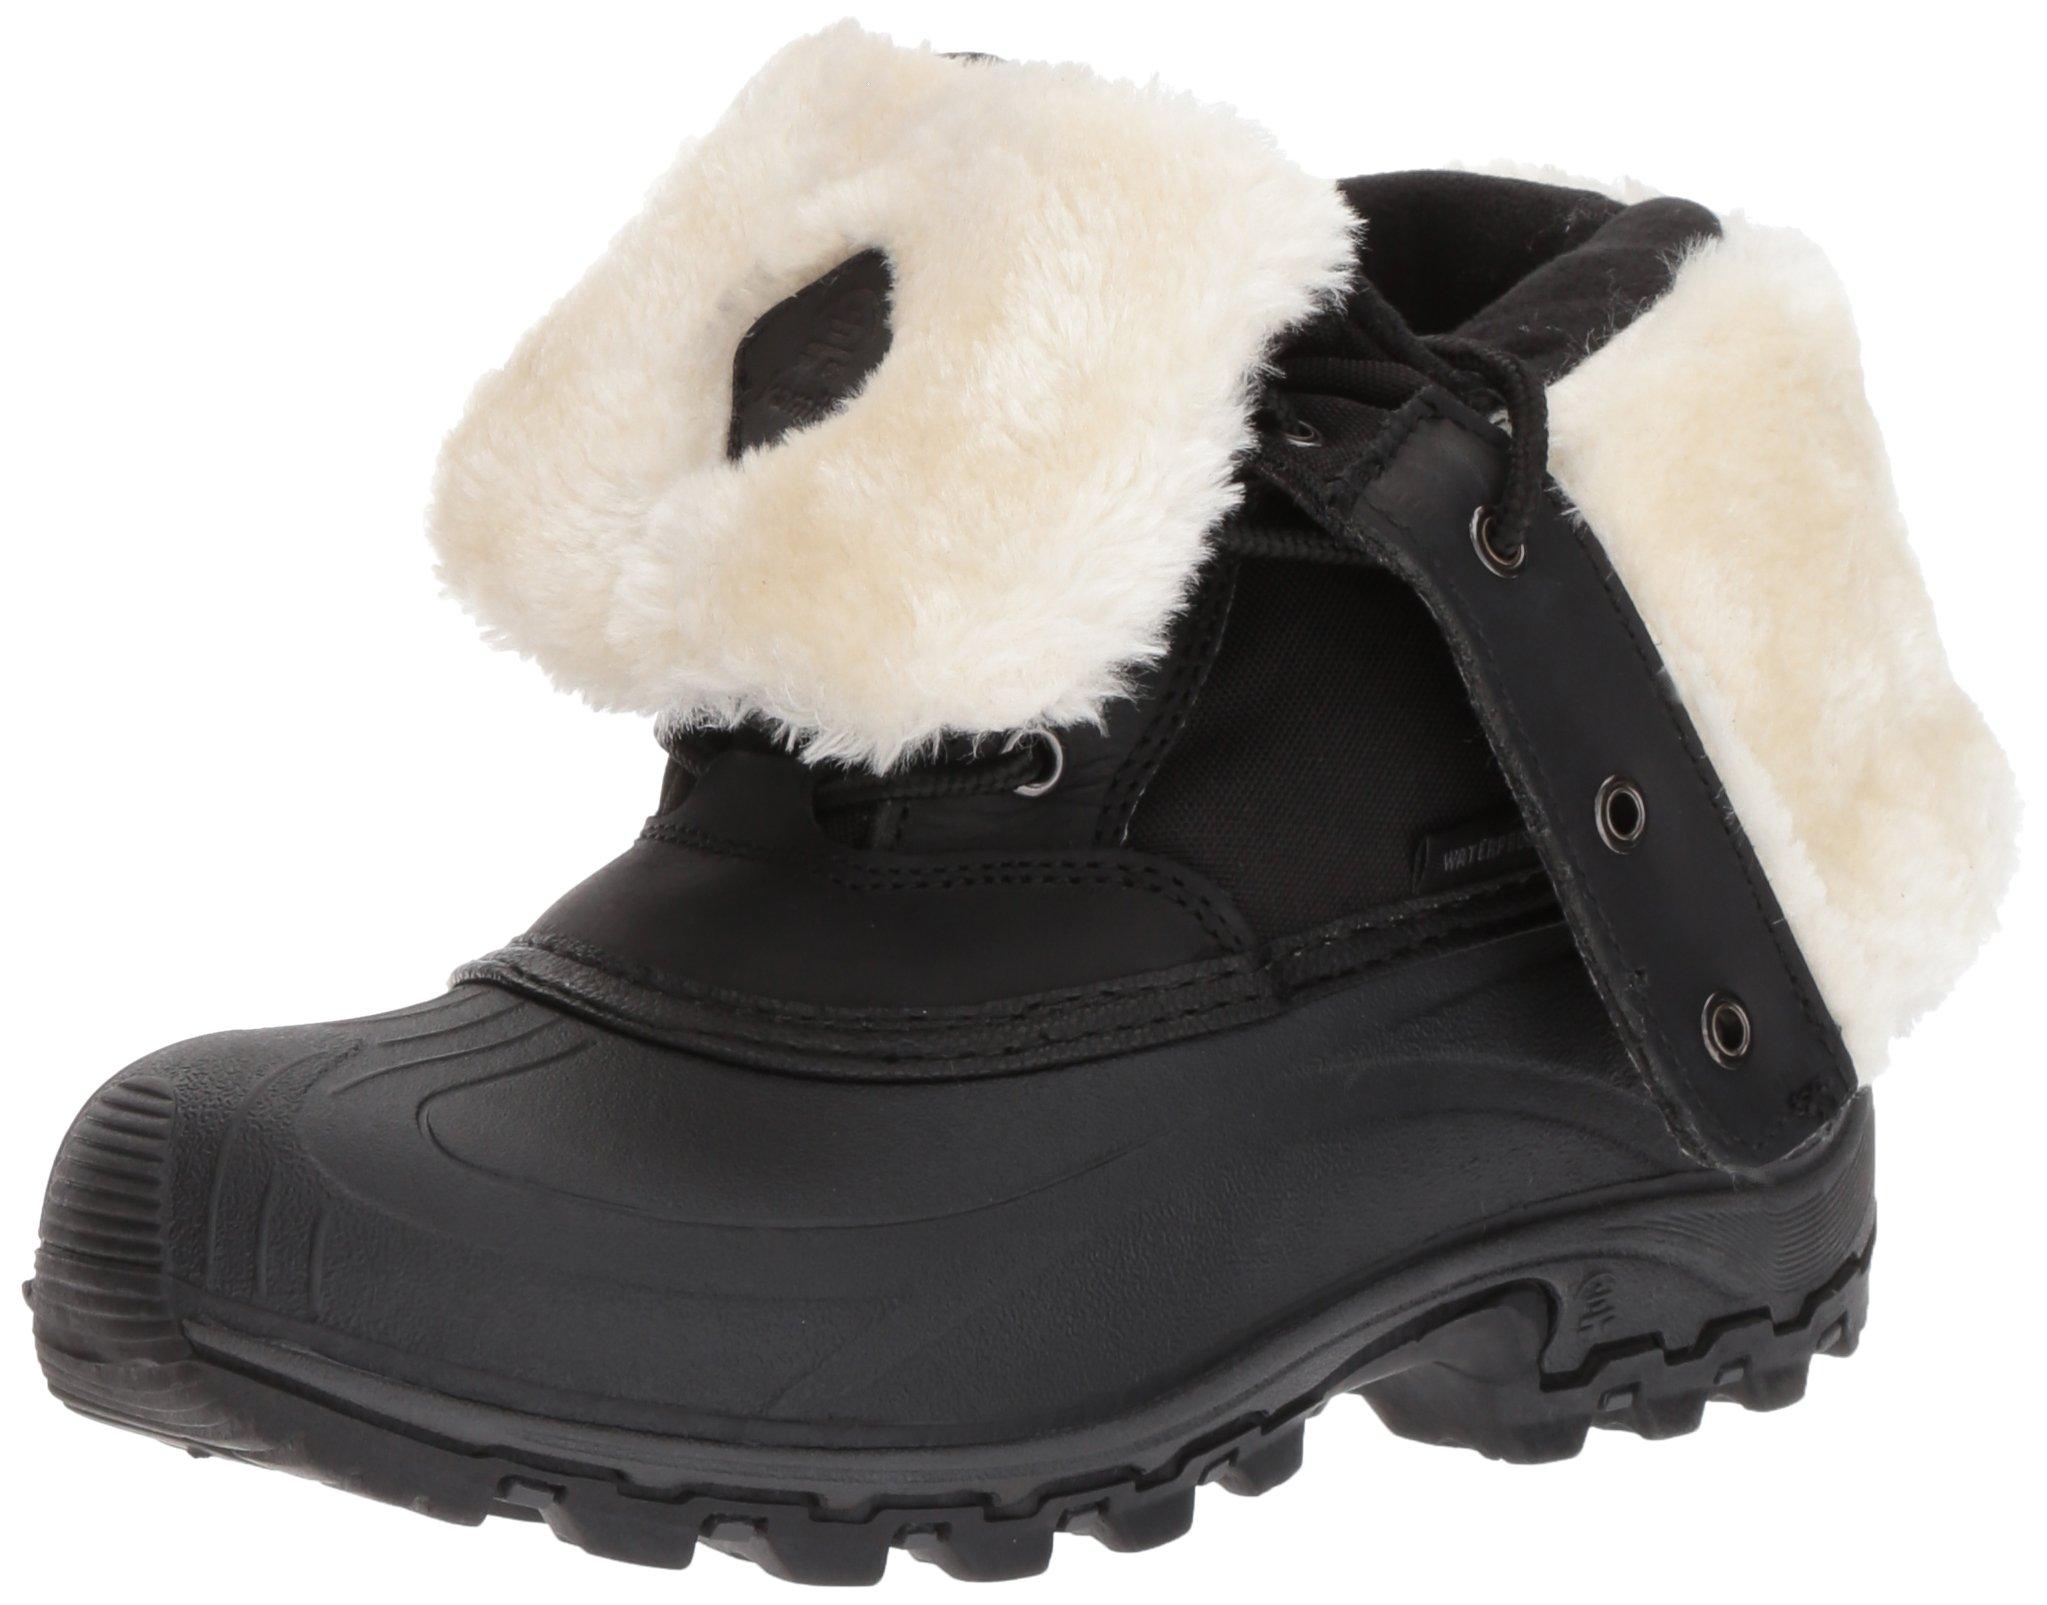 Kamik Women's Harper Snow Boot, Black/White, 9 D US